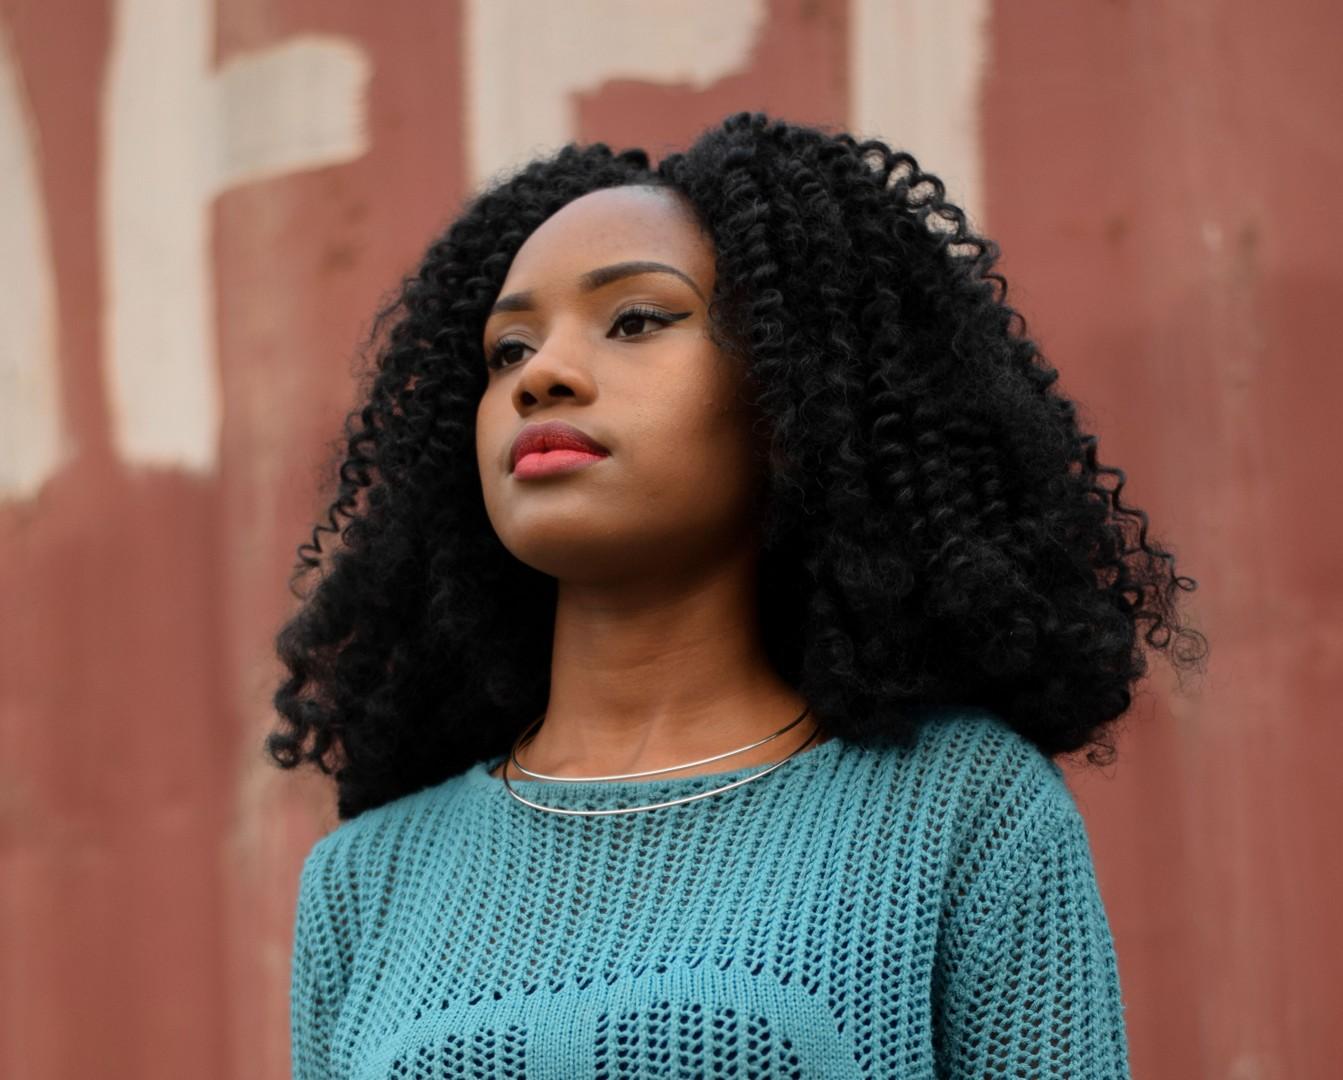 cortes de cabelo feminino 2020 2 - Cortes de cabelo feminino 2020: tendências para cacheados e crespos